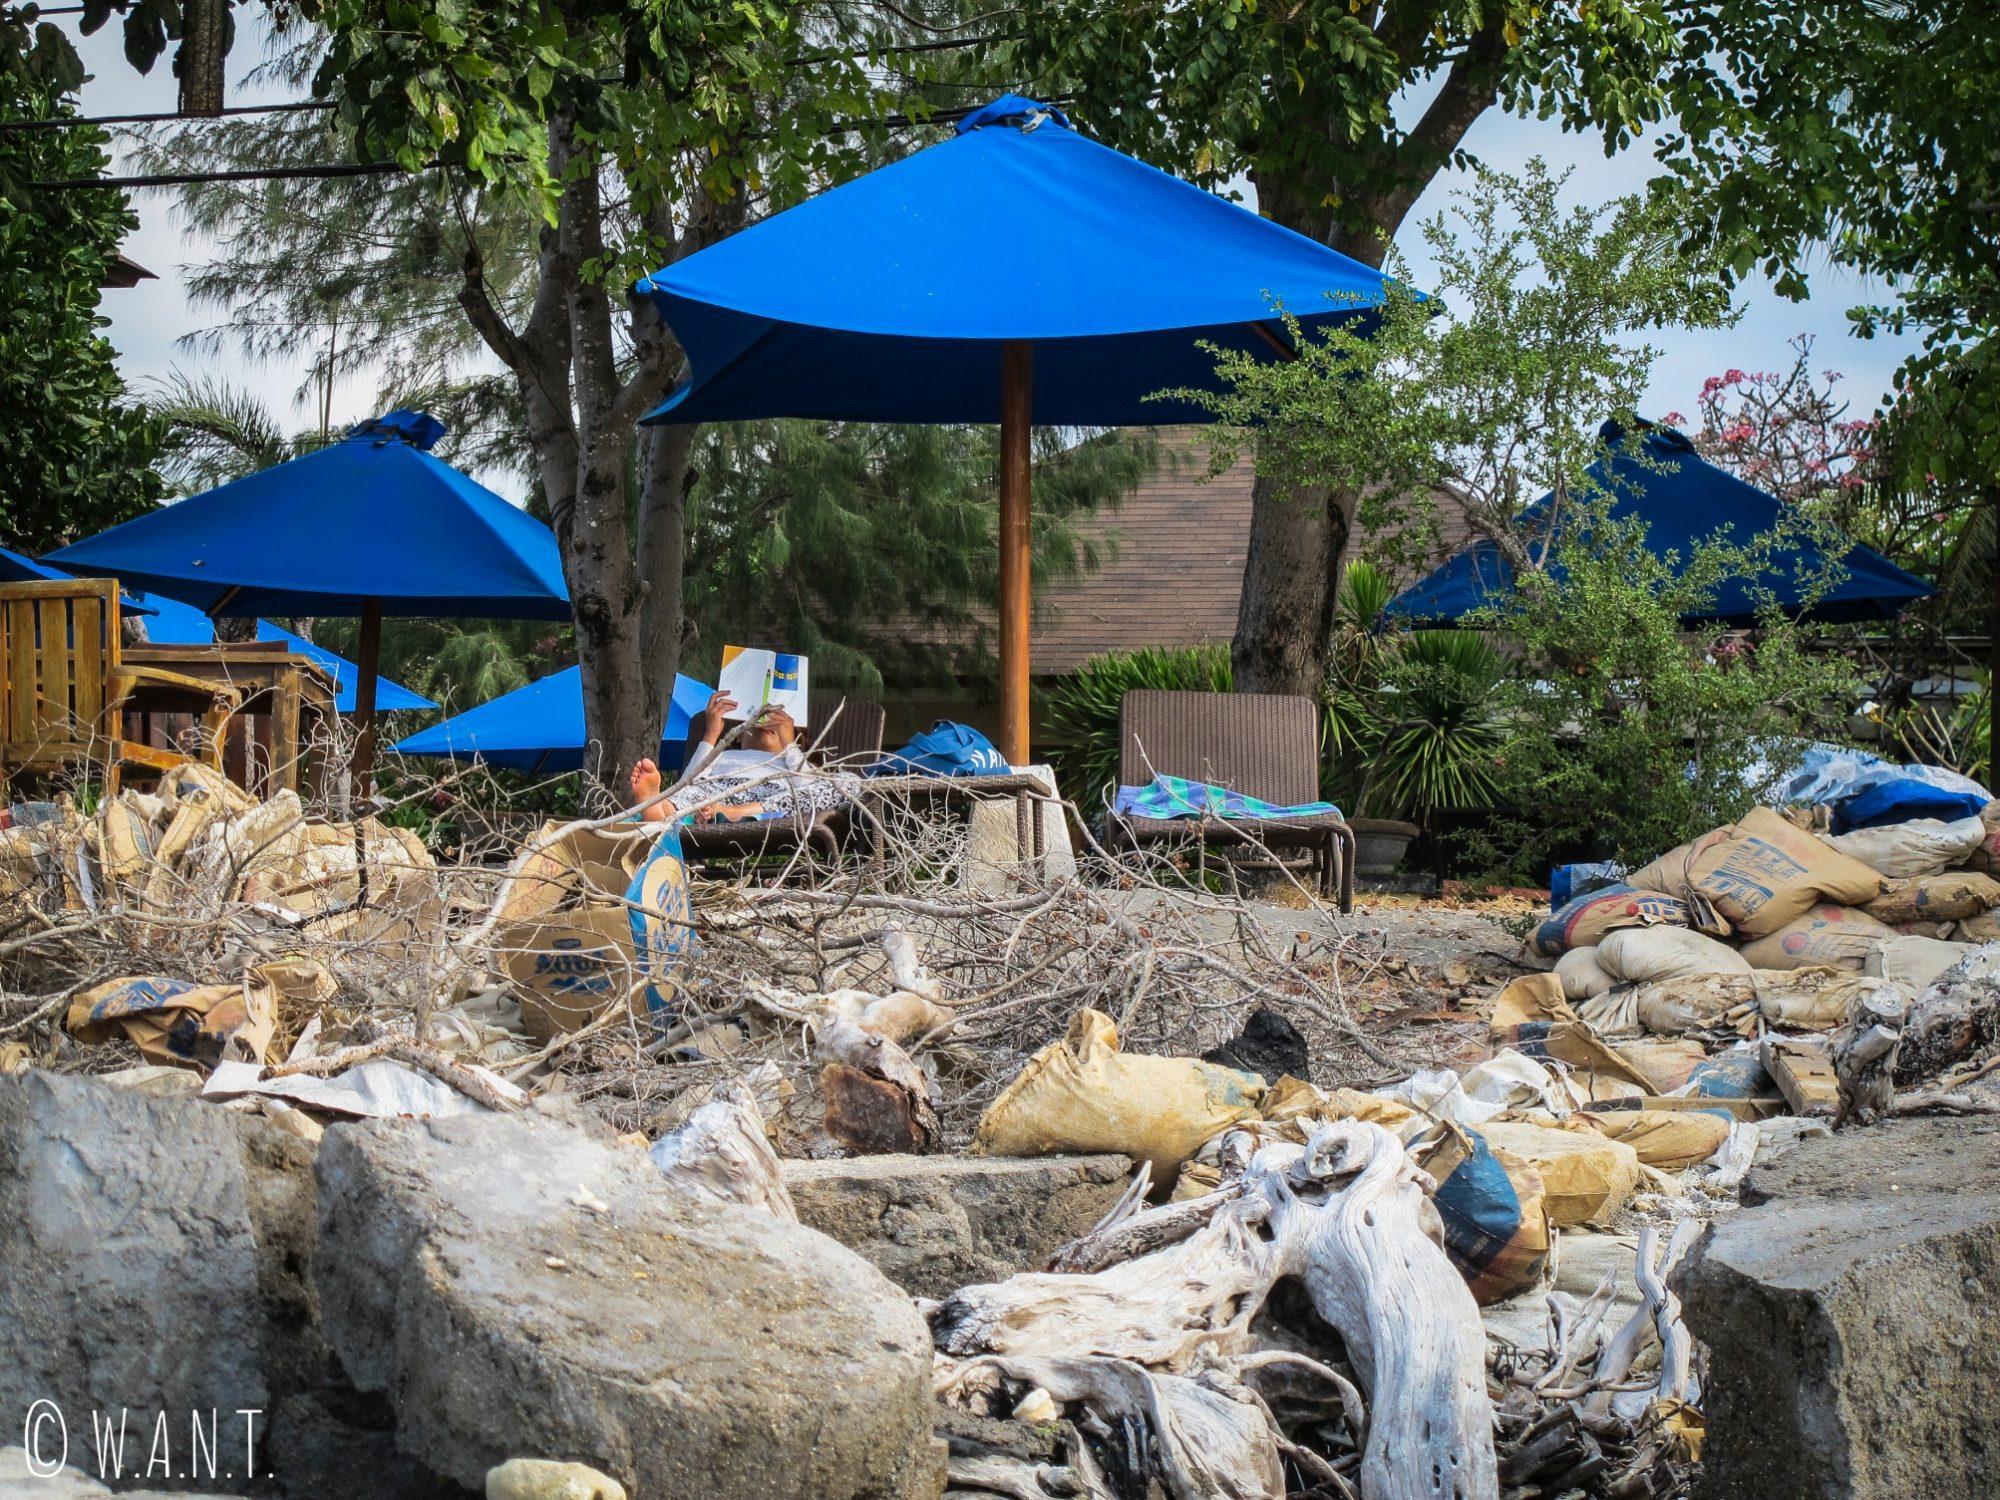 Transats et parasols devant un amas de déchets sur Gili Trawangan